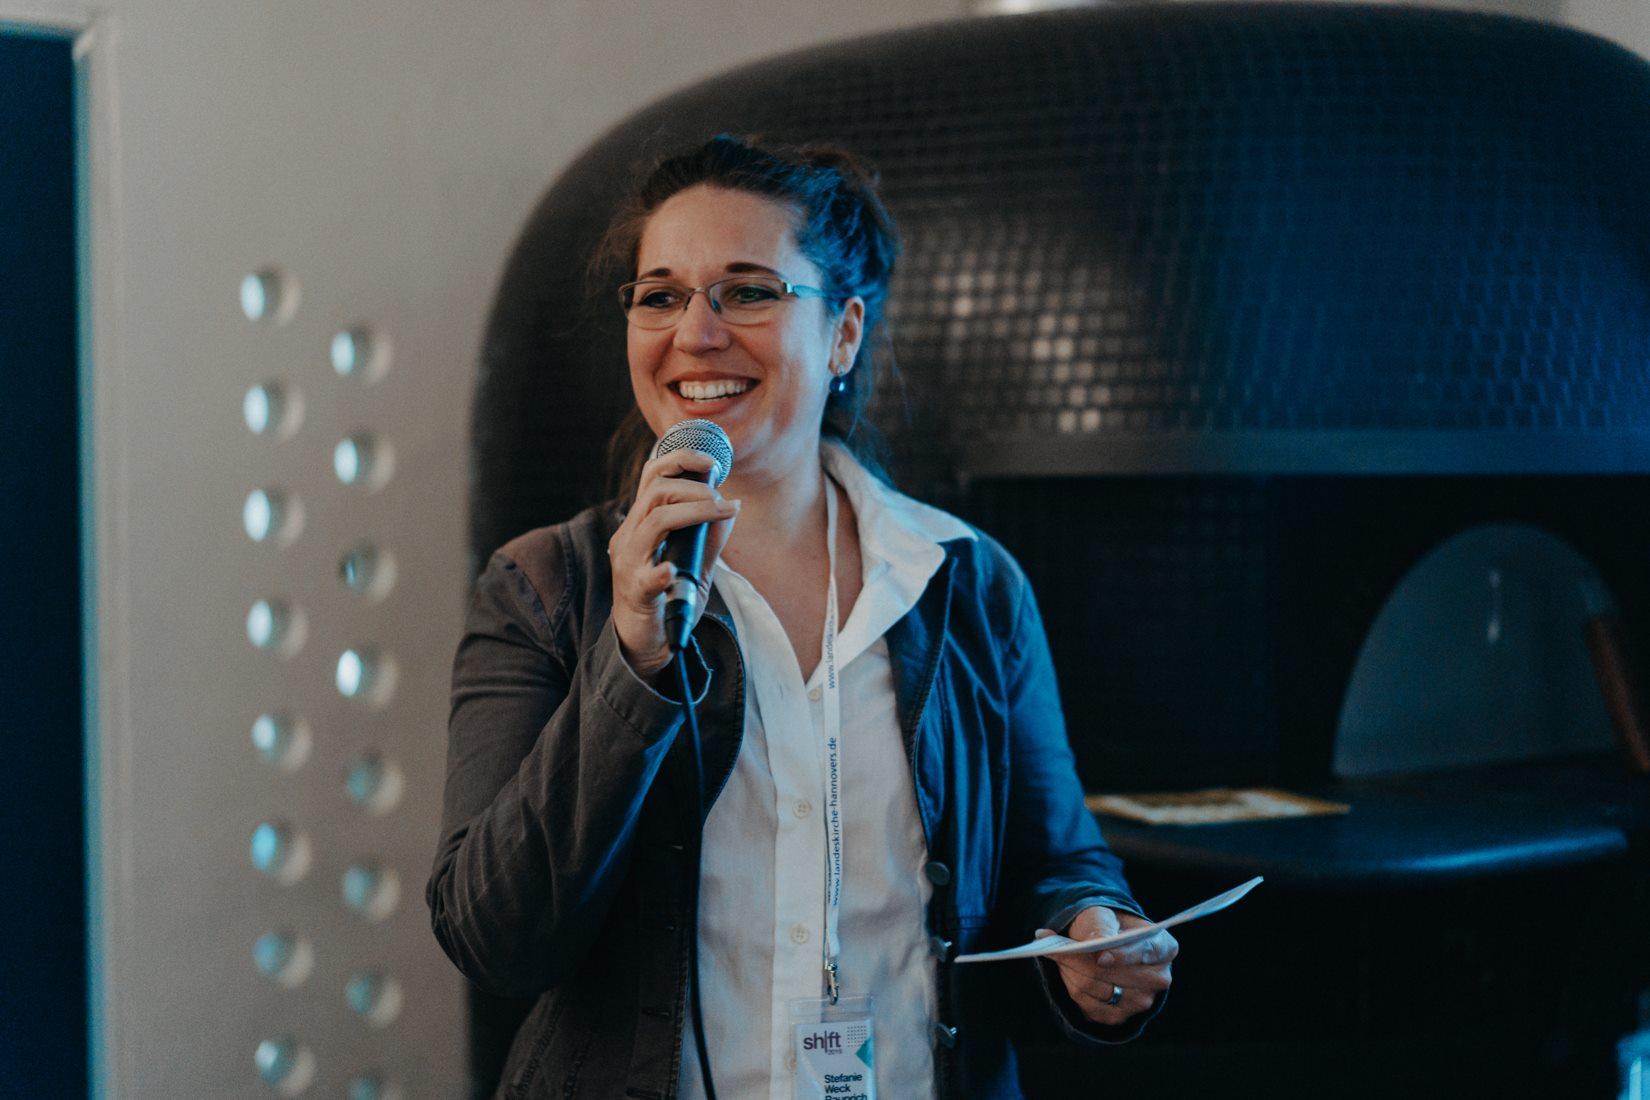 Stefanie Weck-Rauprichs  große Leidenschaft ist es, ein Umfeld für Menschen zu schaffen, in dem sich Potential entfalten und sich jeder einzelne mit seinen Ideen und Stärken einbringen kann.